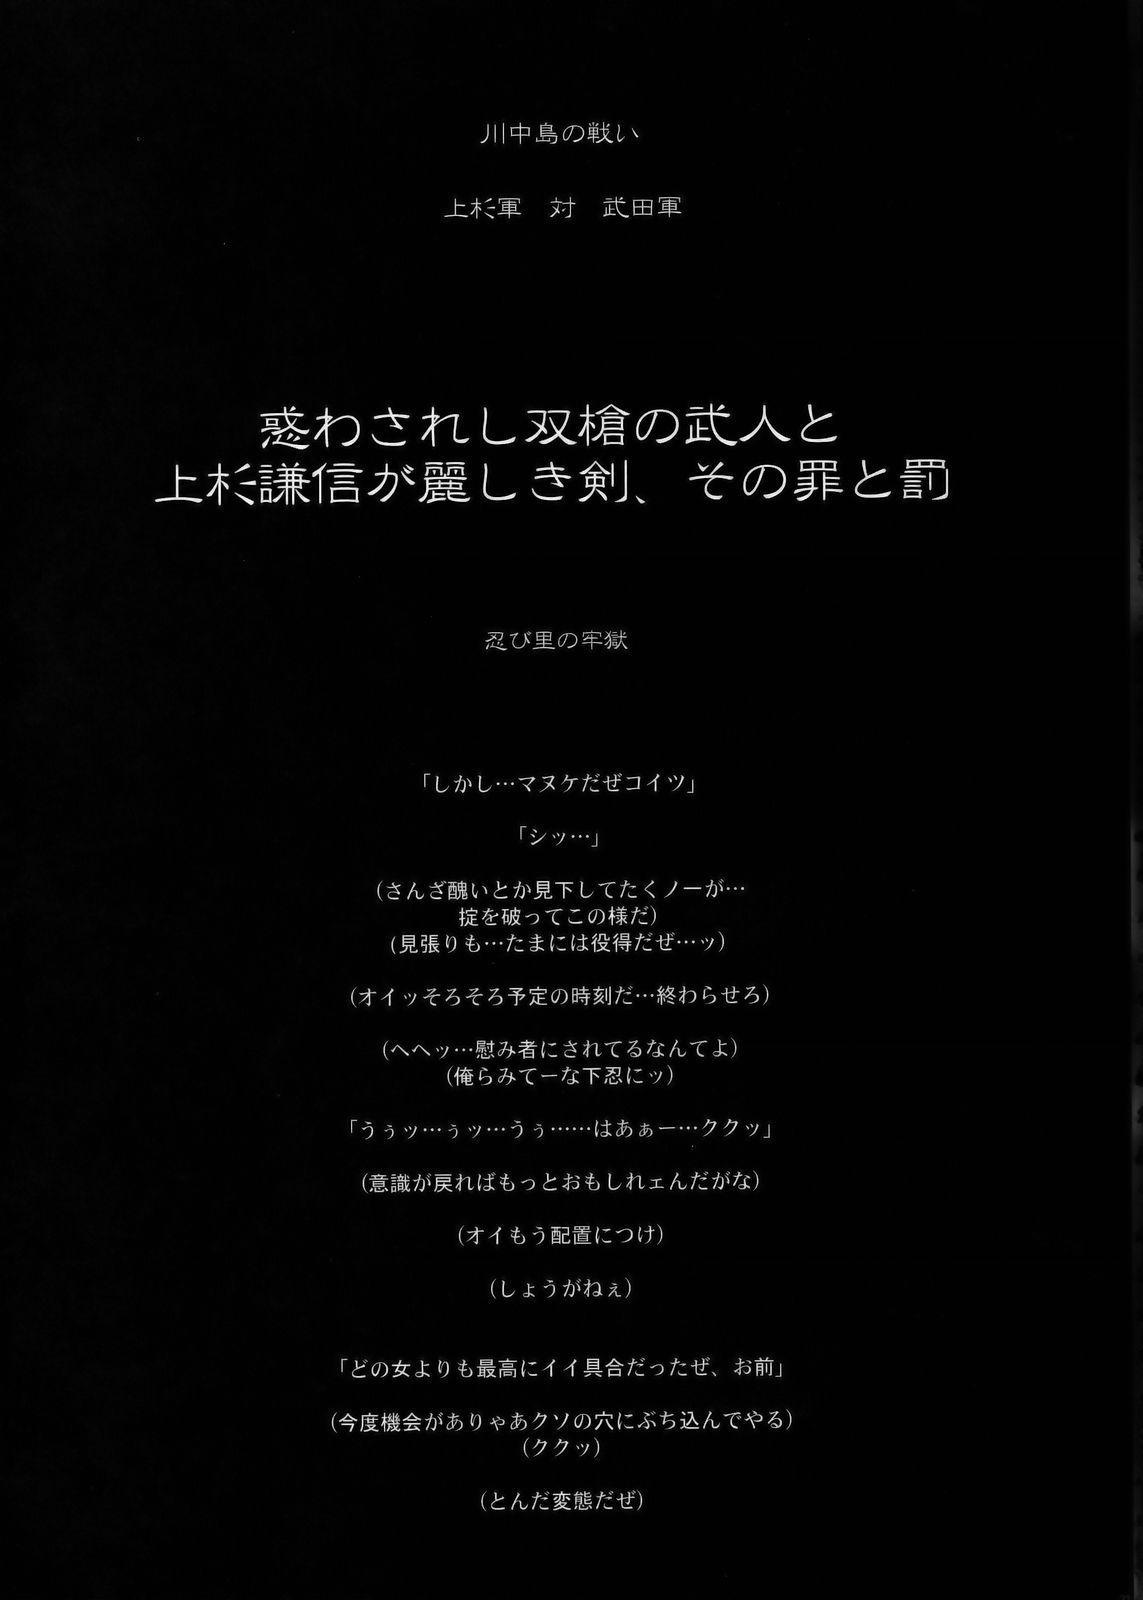 Sengoku Basara 21